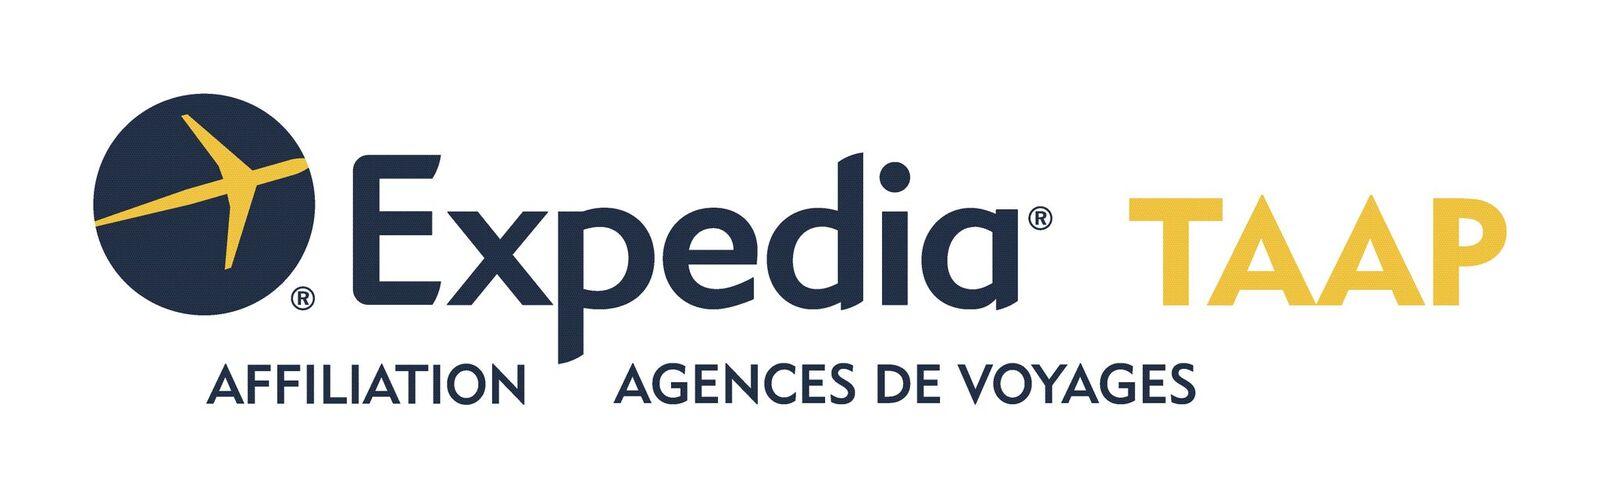 Expedia TAAP lance une grande opération de fidélisation